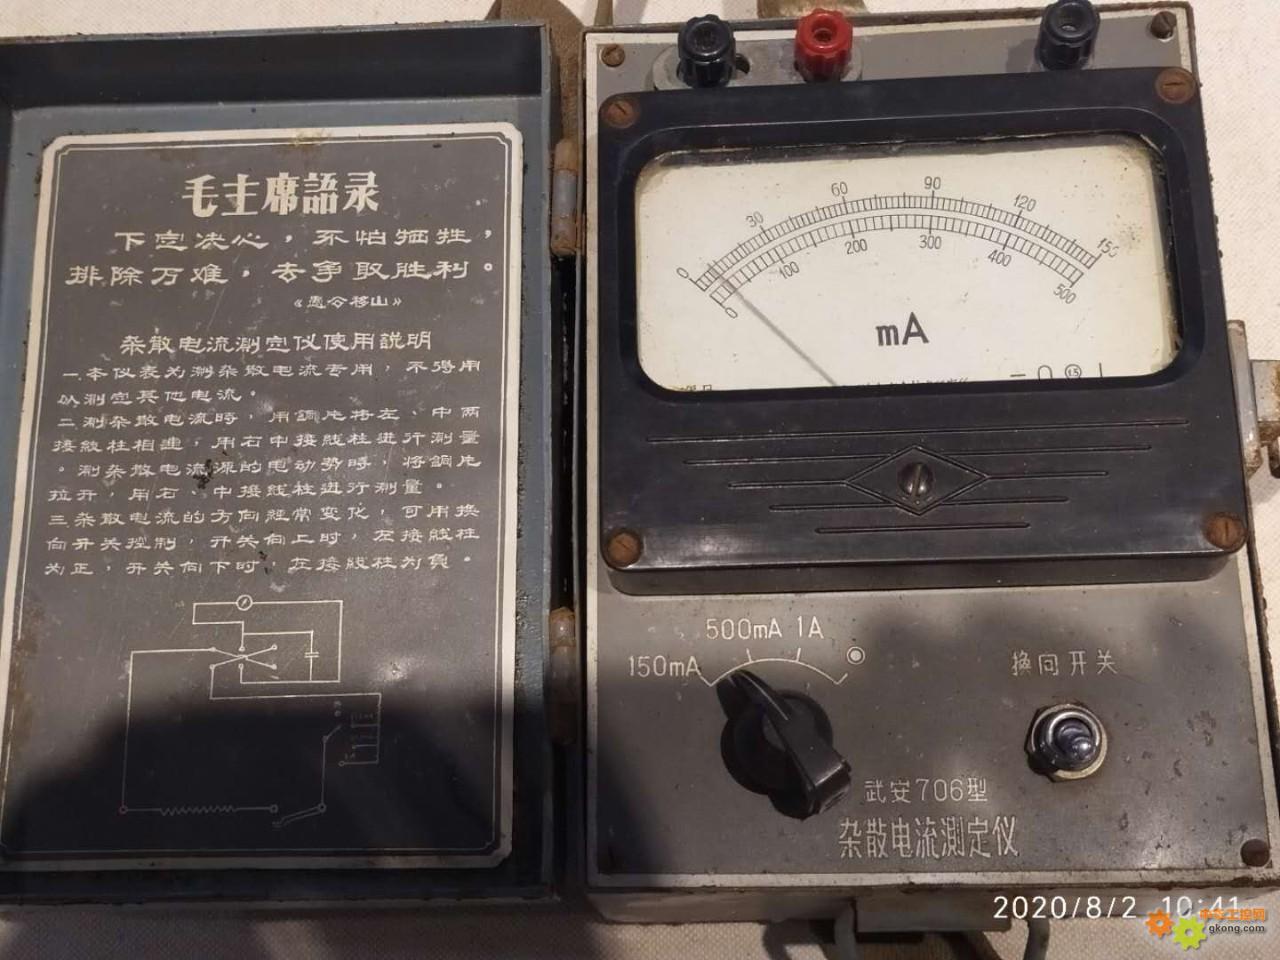 工业博物馆,老机械设备看着就很亲切